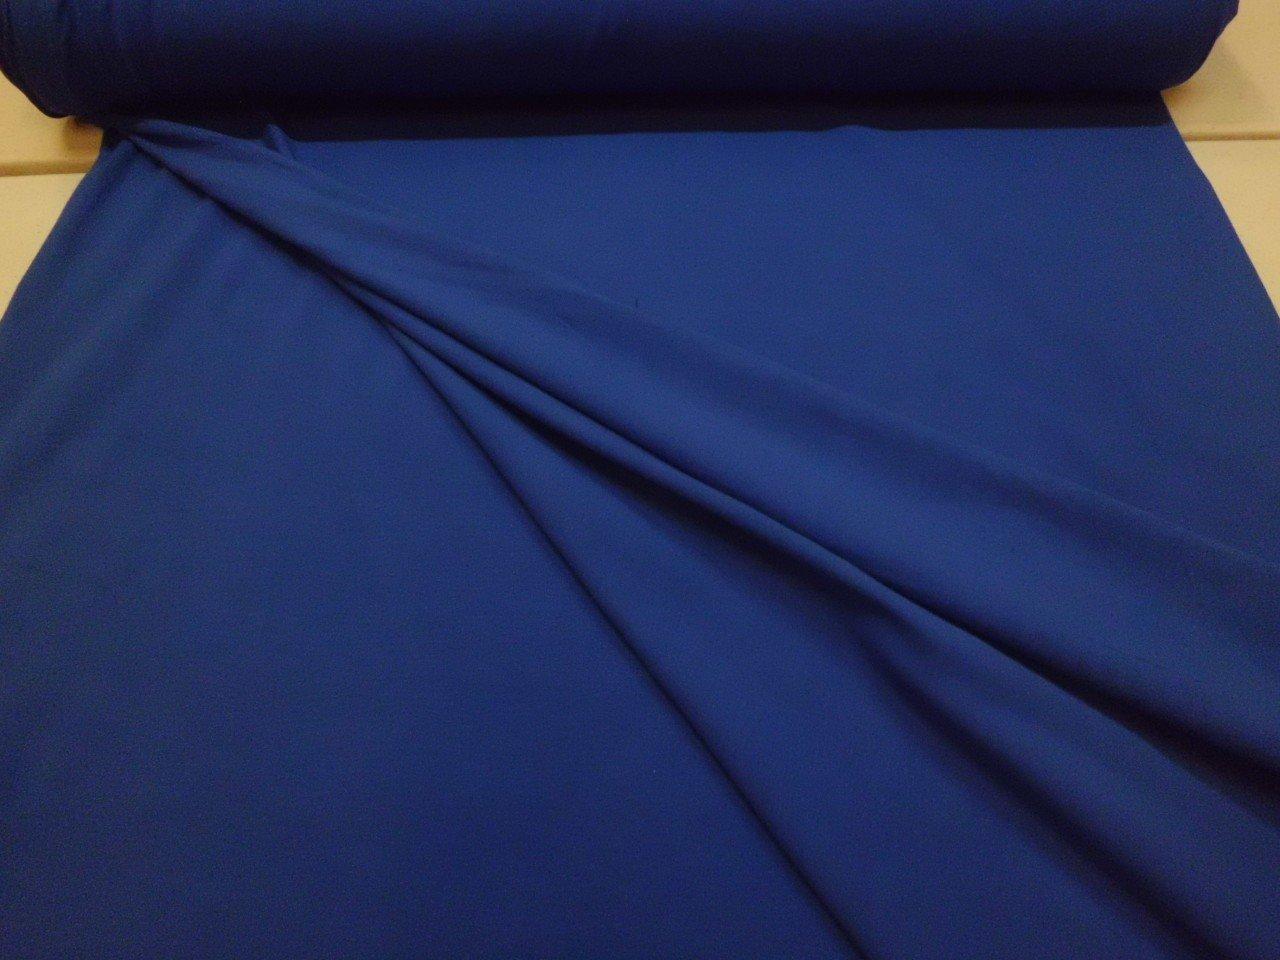 Cotton & Lycra Jersey Knit in Royal